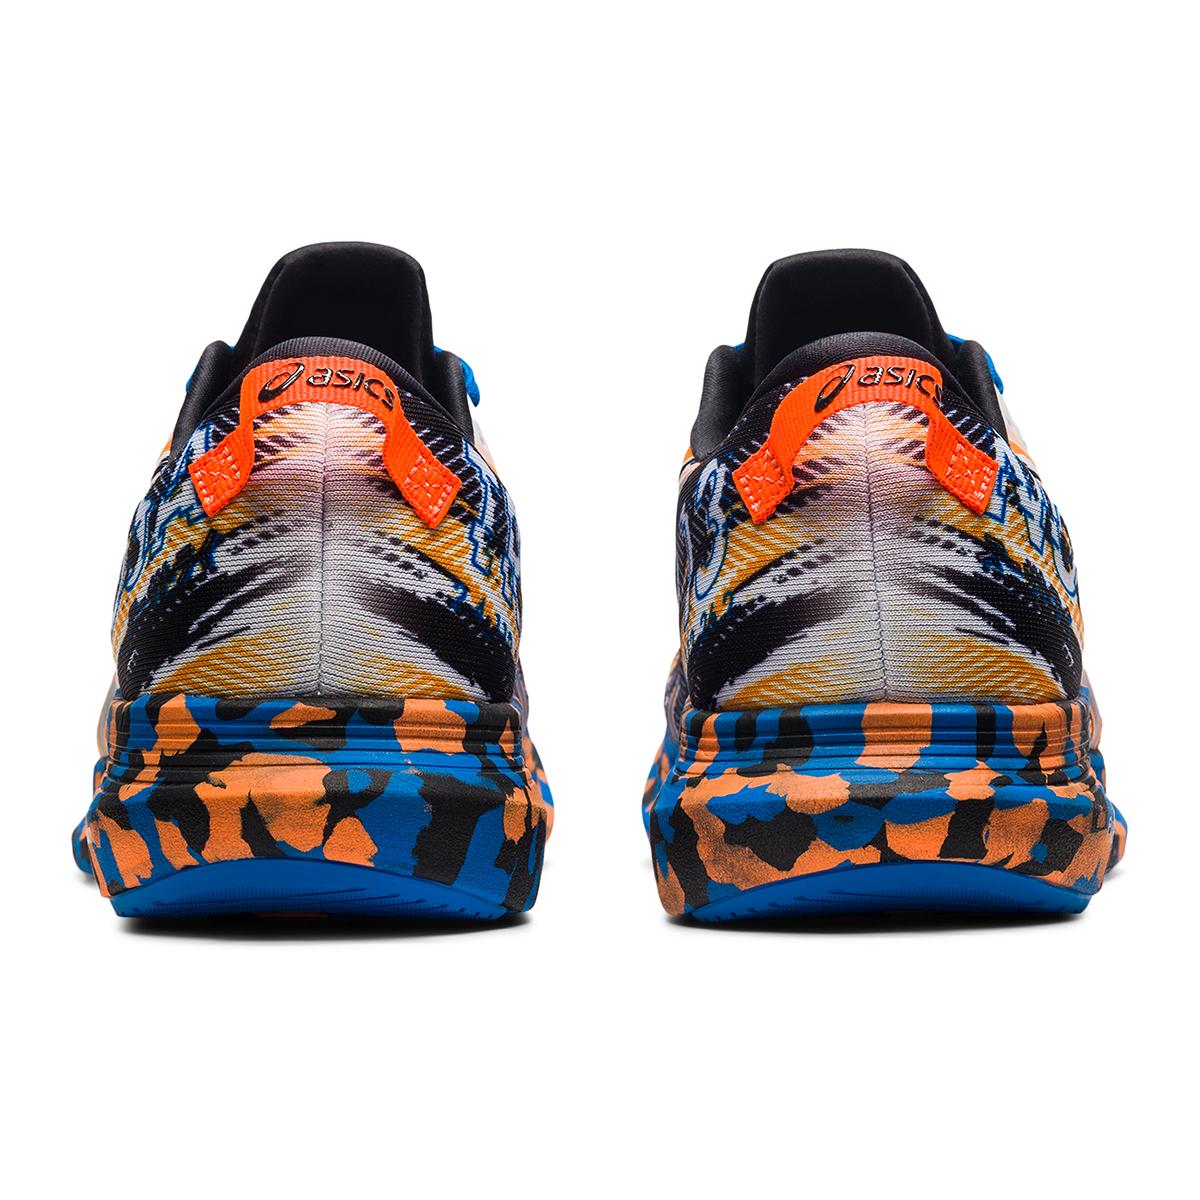 Men's Asics Noosa Tri 13 Running Shoe - Color: White/Shocking - Size: 7 - Width: Regular, White/Shocking, large, image 5